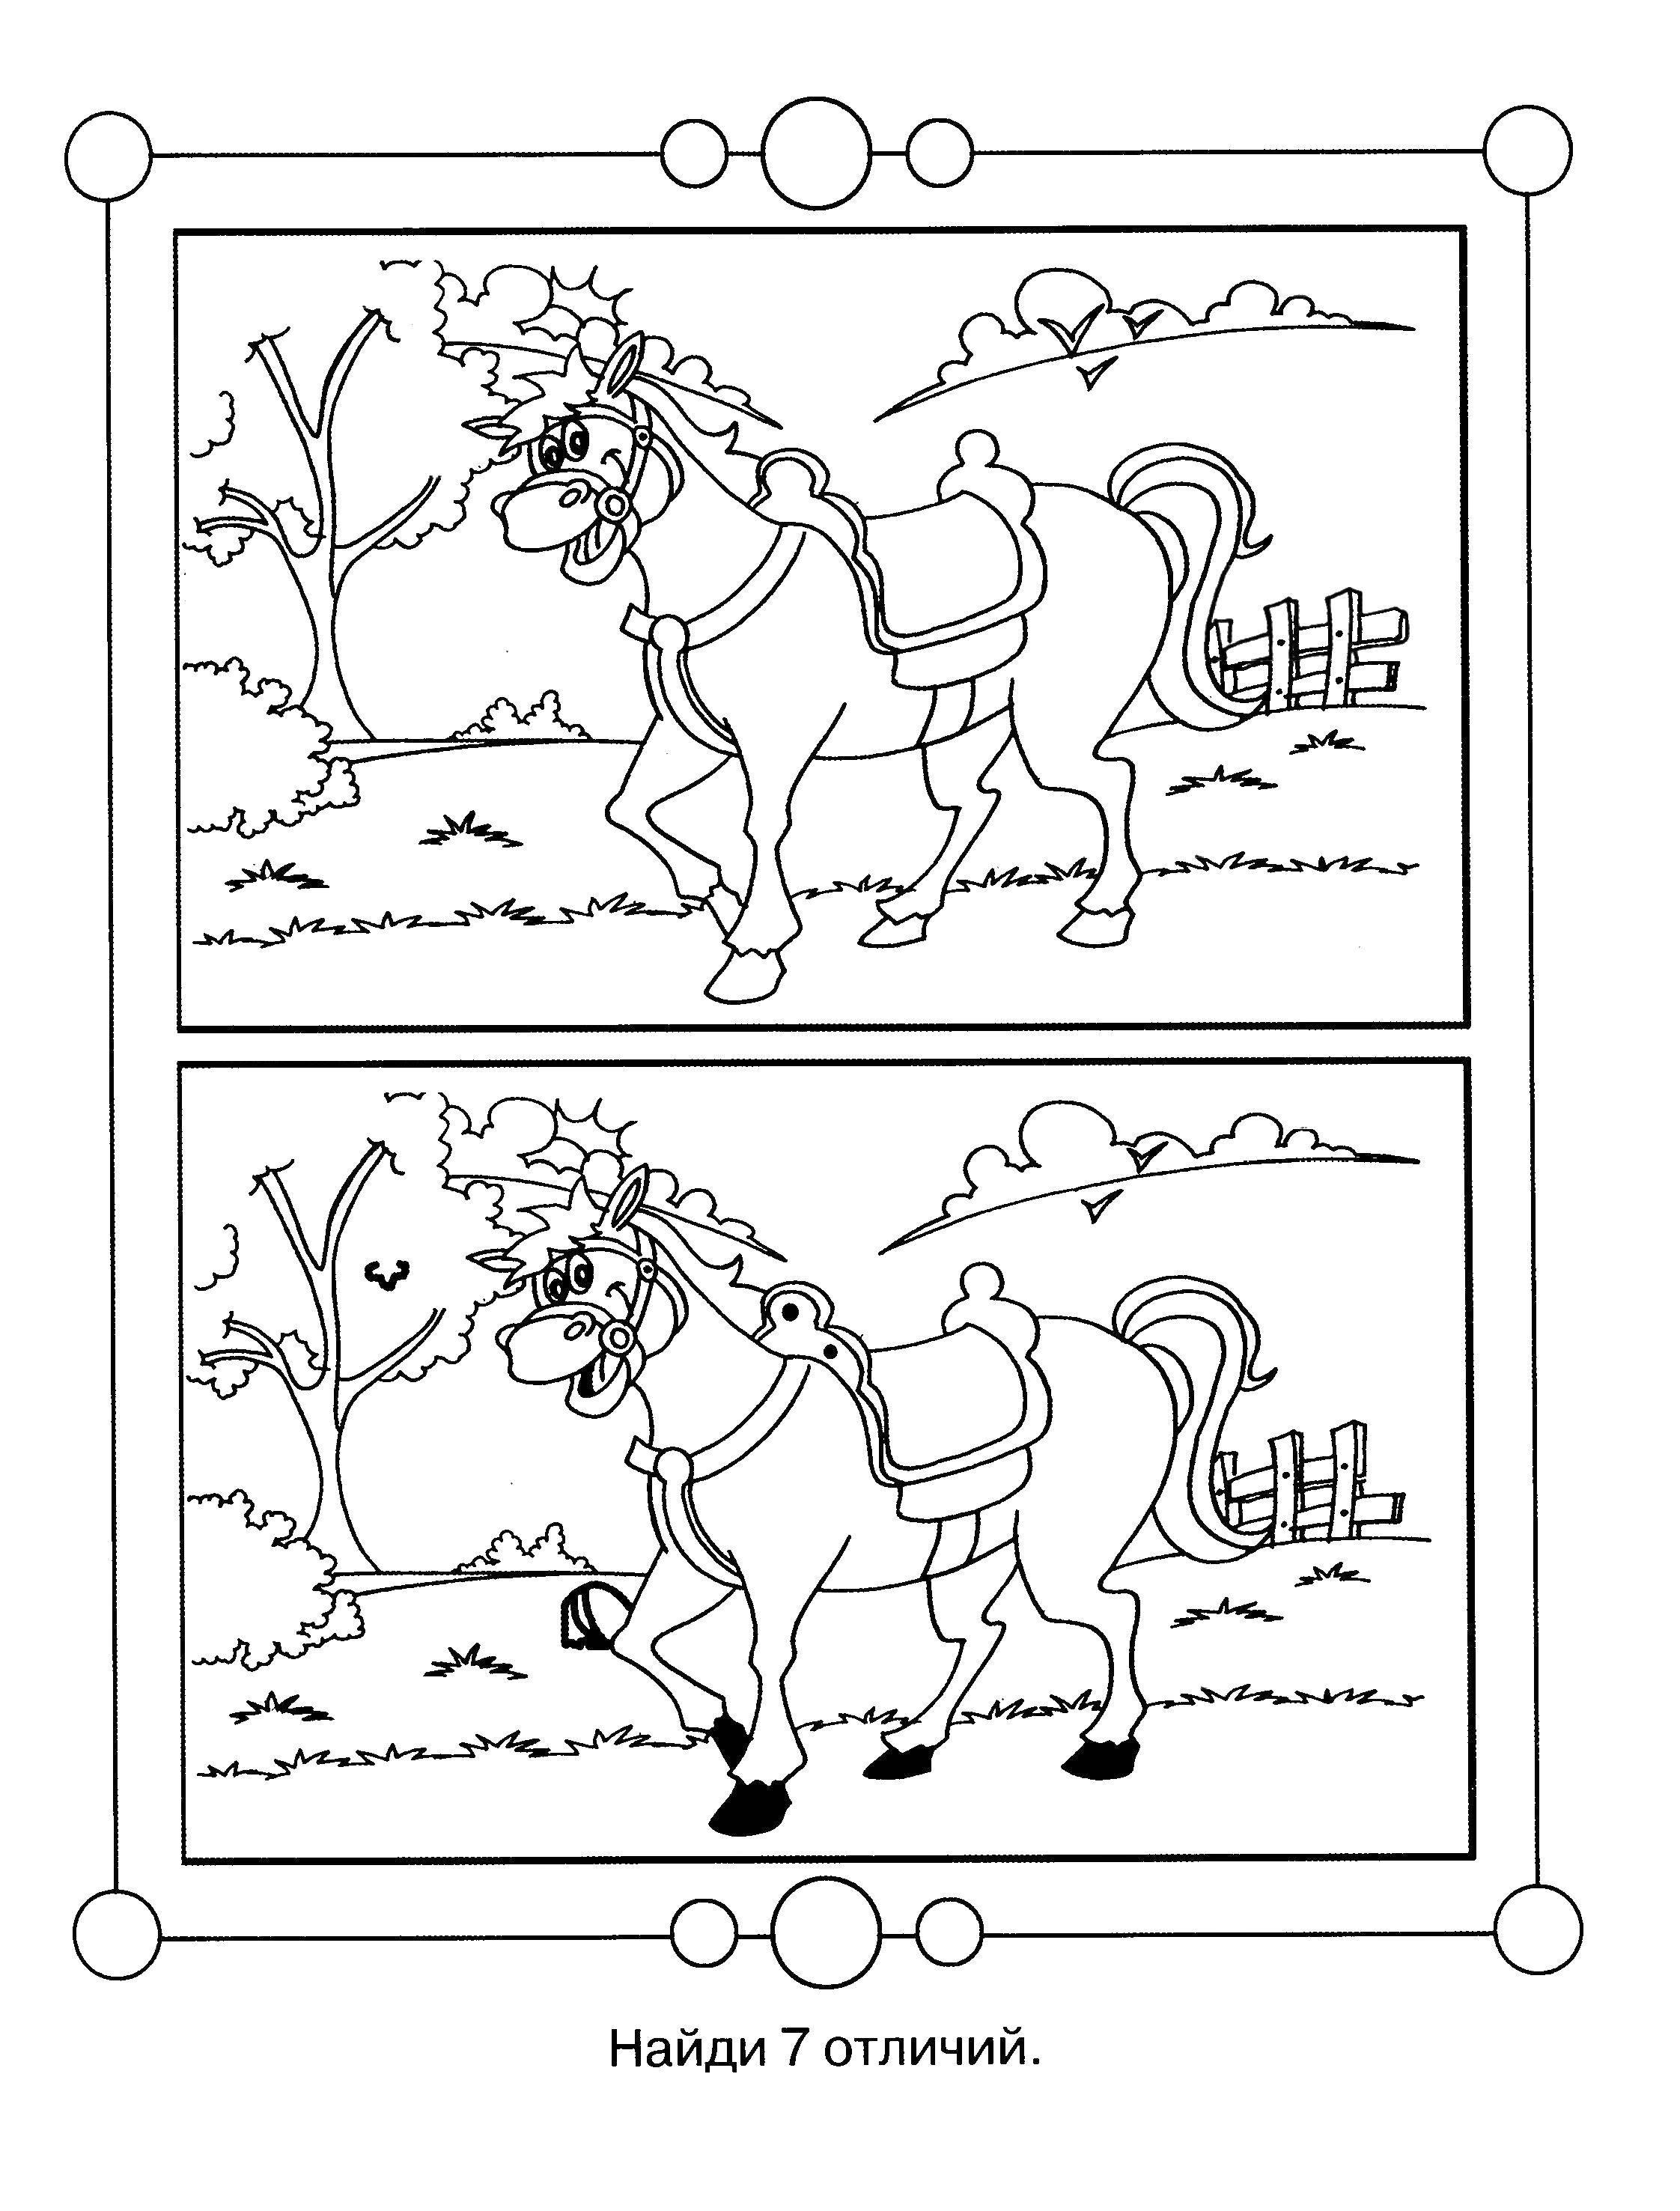 Coloring pages puzzles for kids Скачать .  Распечатать